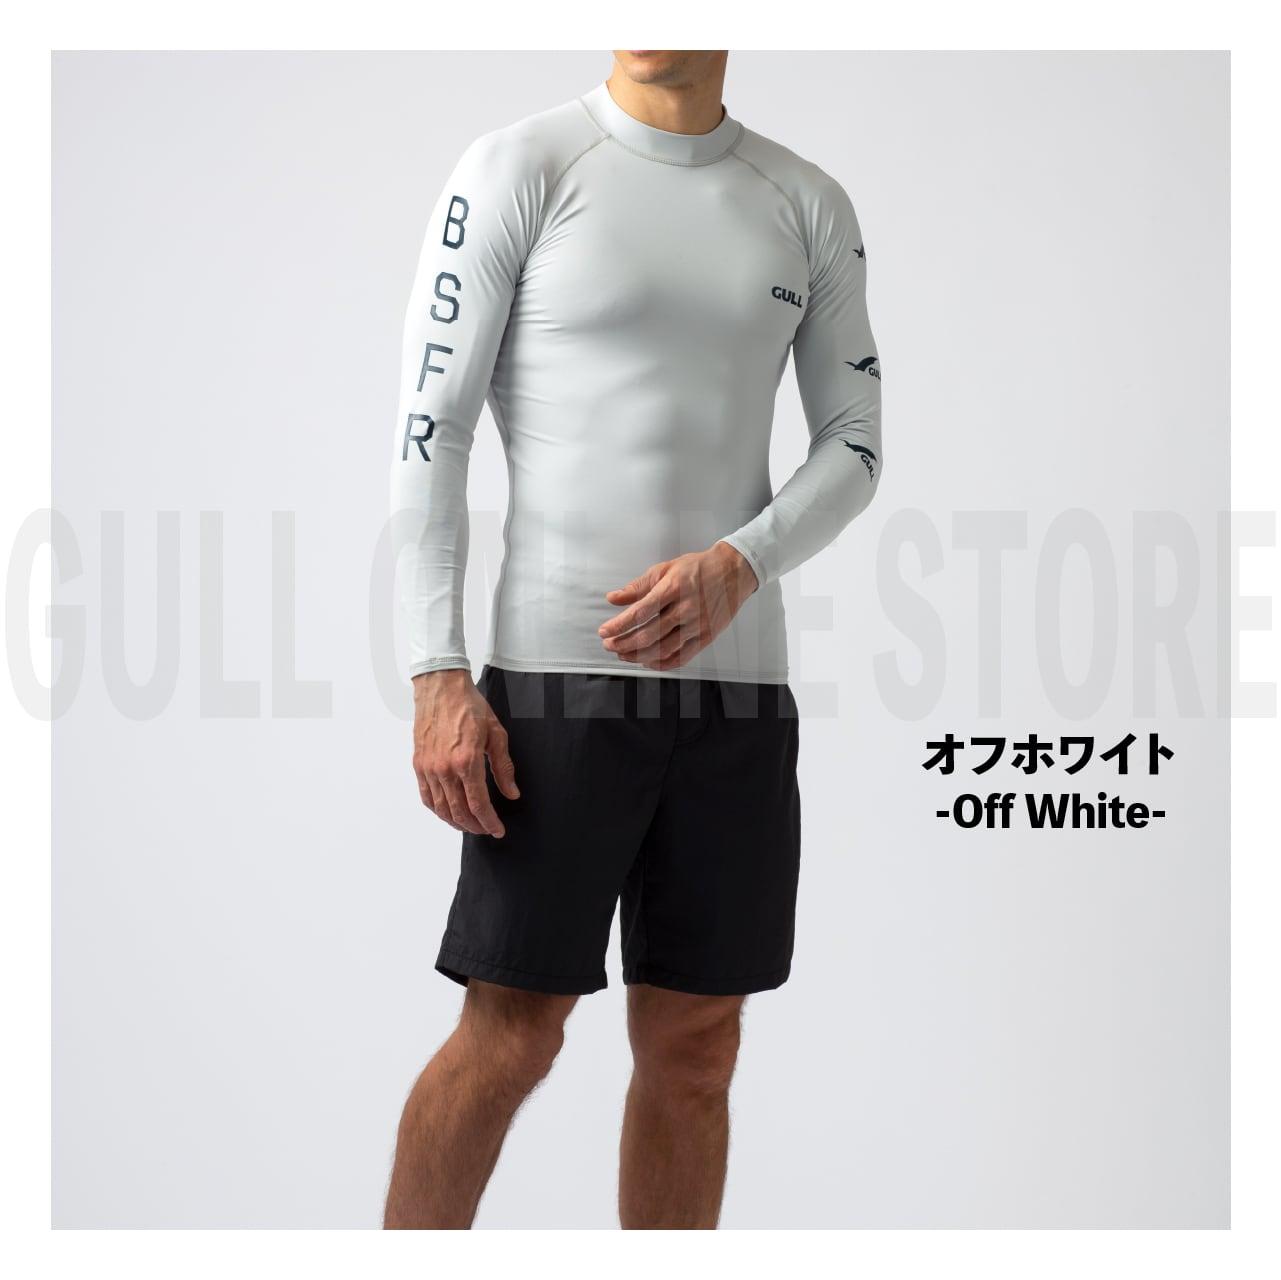 ラッシュガードロング メンズ [BSFR] GULL ガル